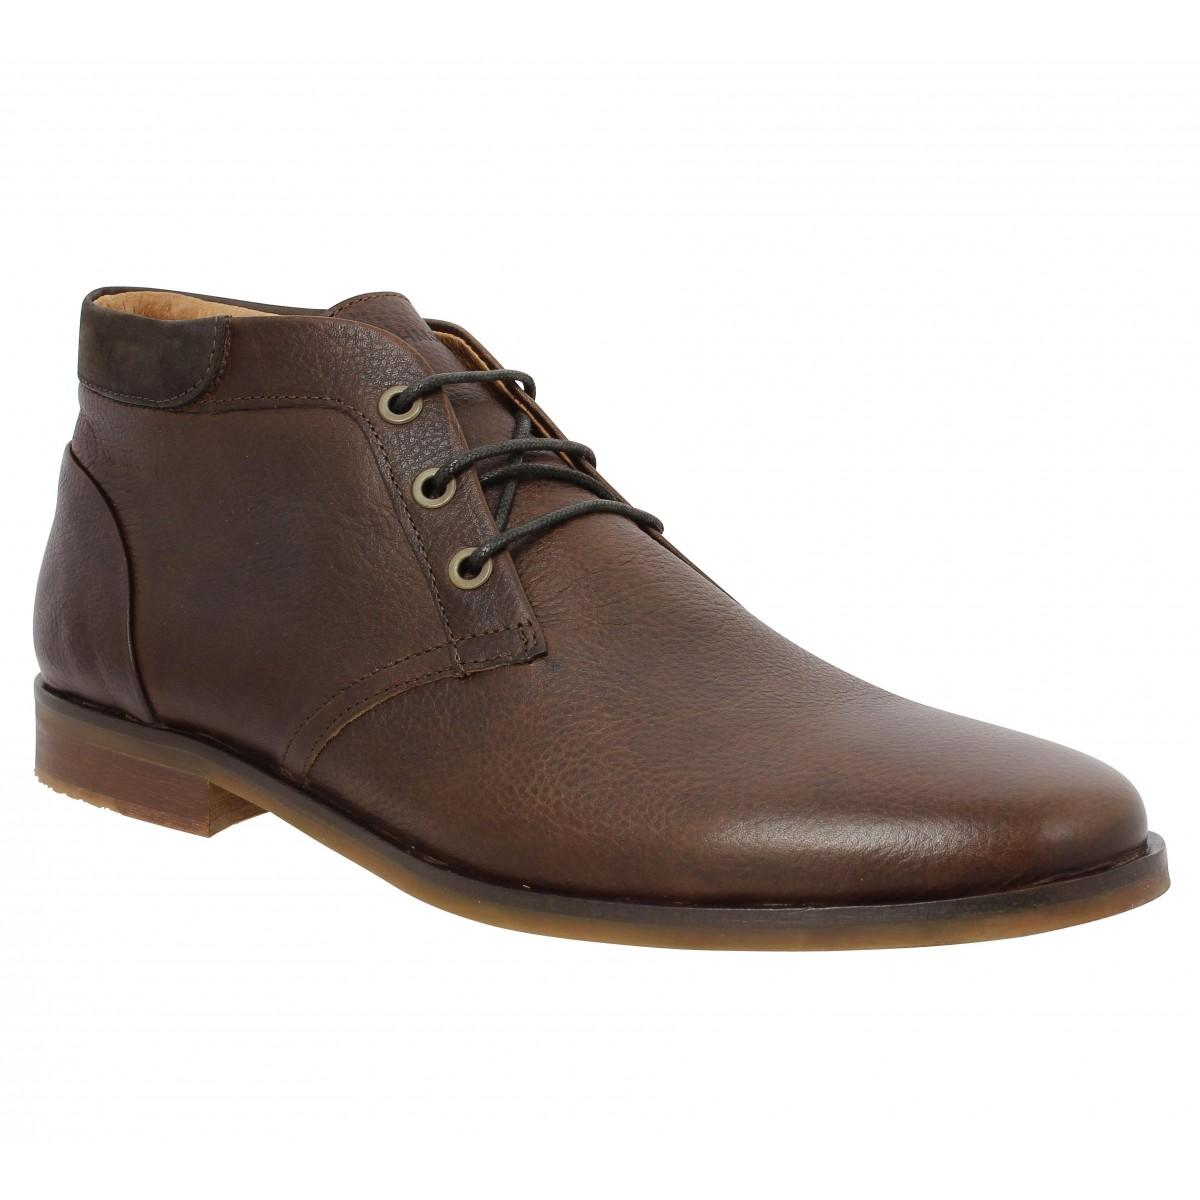 schmoove chaussures pour homme vente en ligne. Black Bedroom Furniture Sets. Home Design Ideas